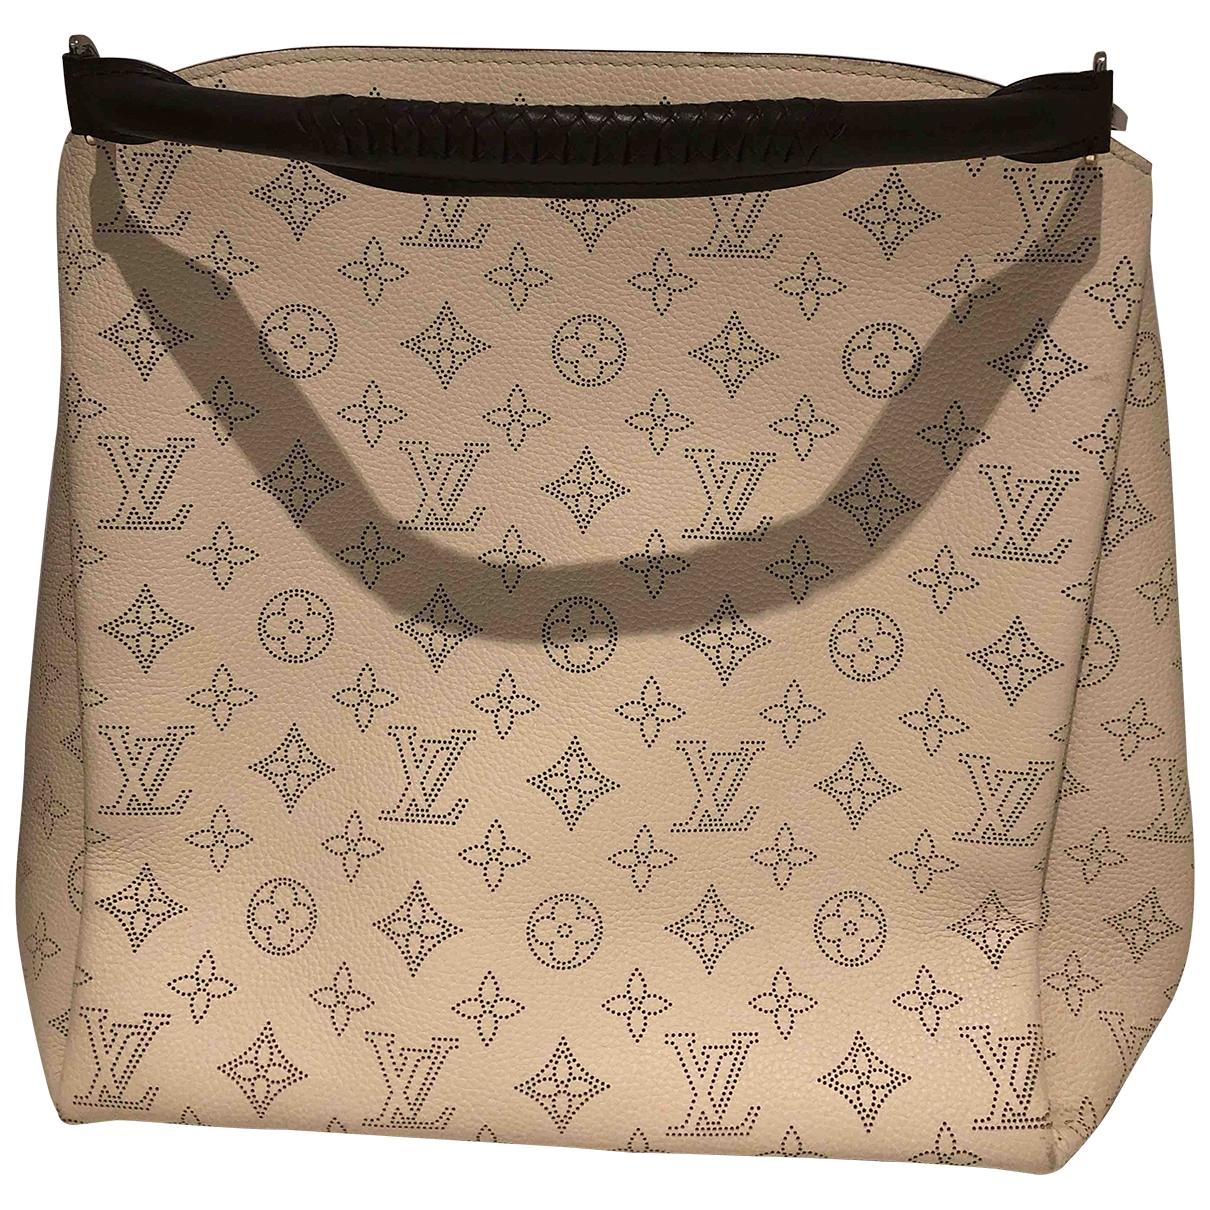 Louis Vuitton - Sac a main Babylone pour femme en cuir - ecru